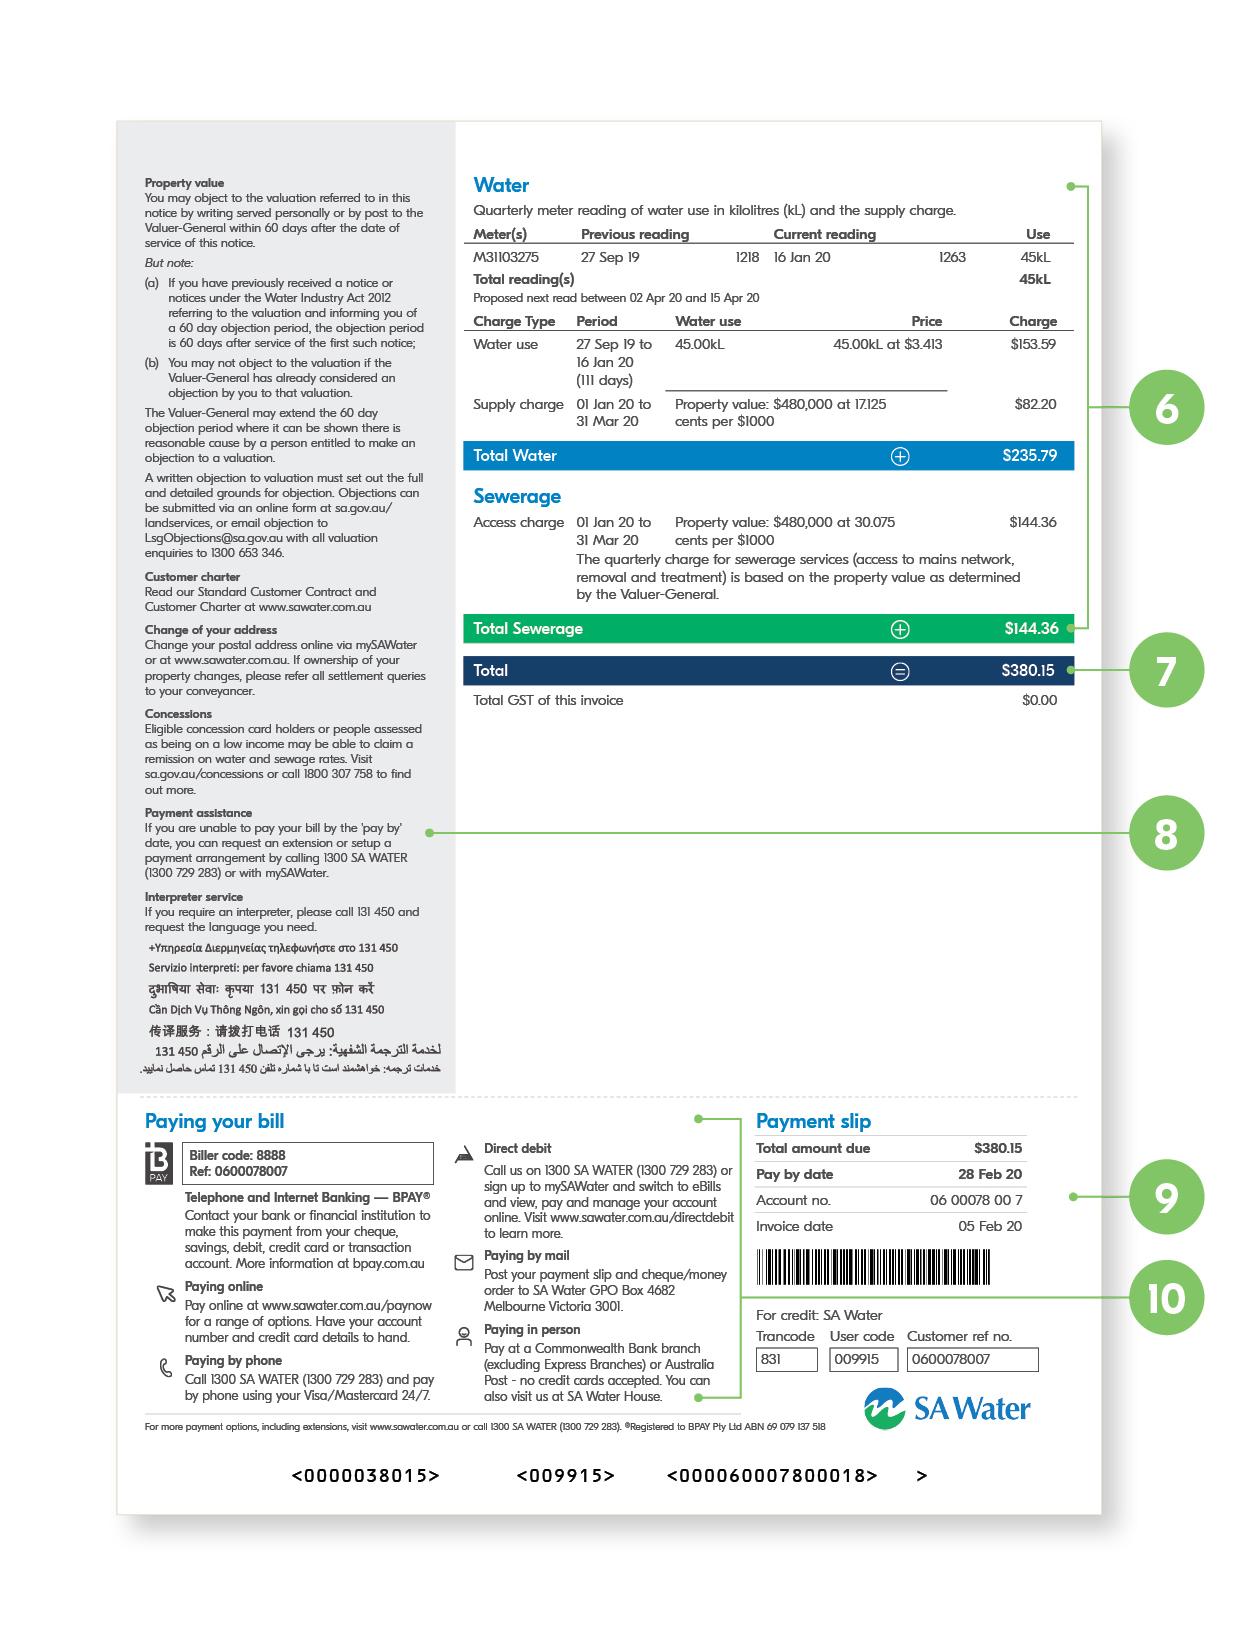 SA Water Bill - page 2